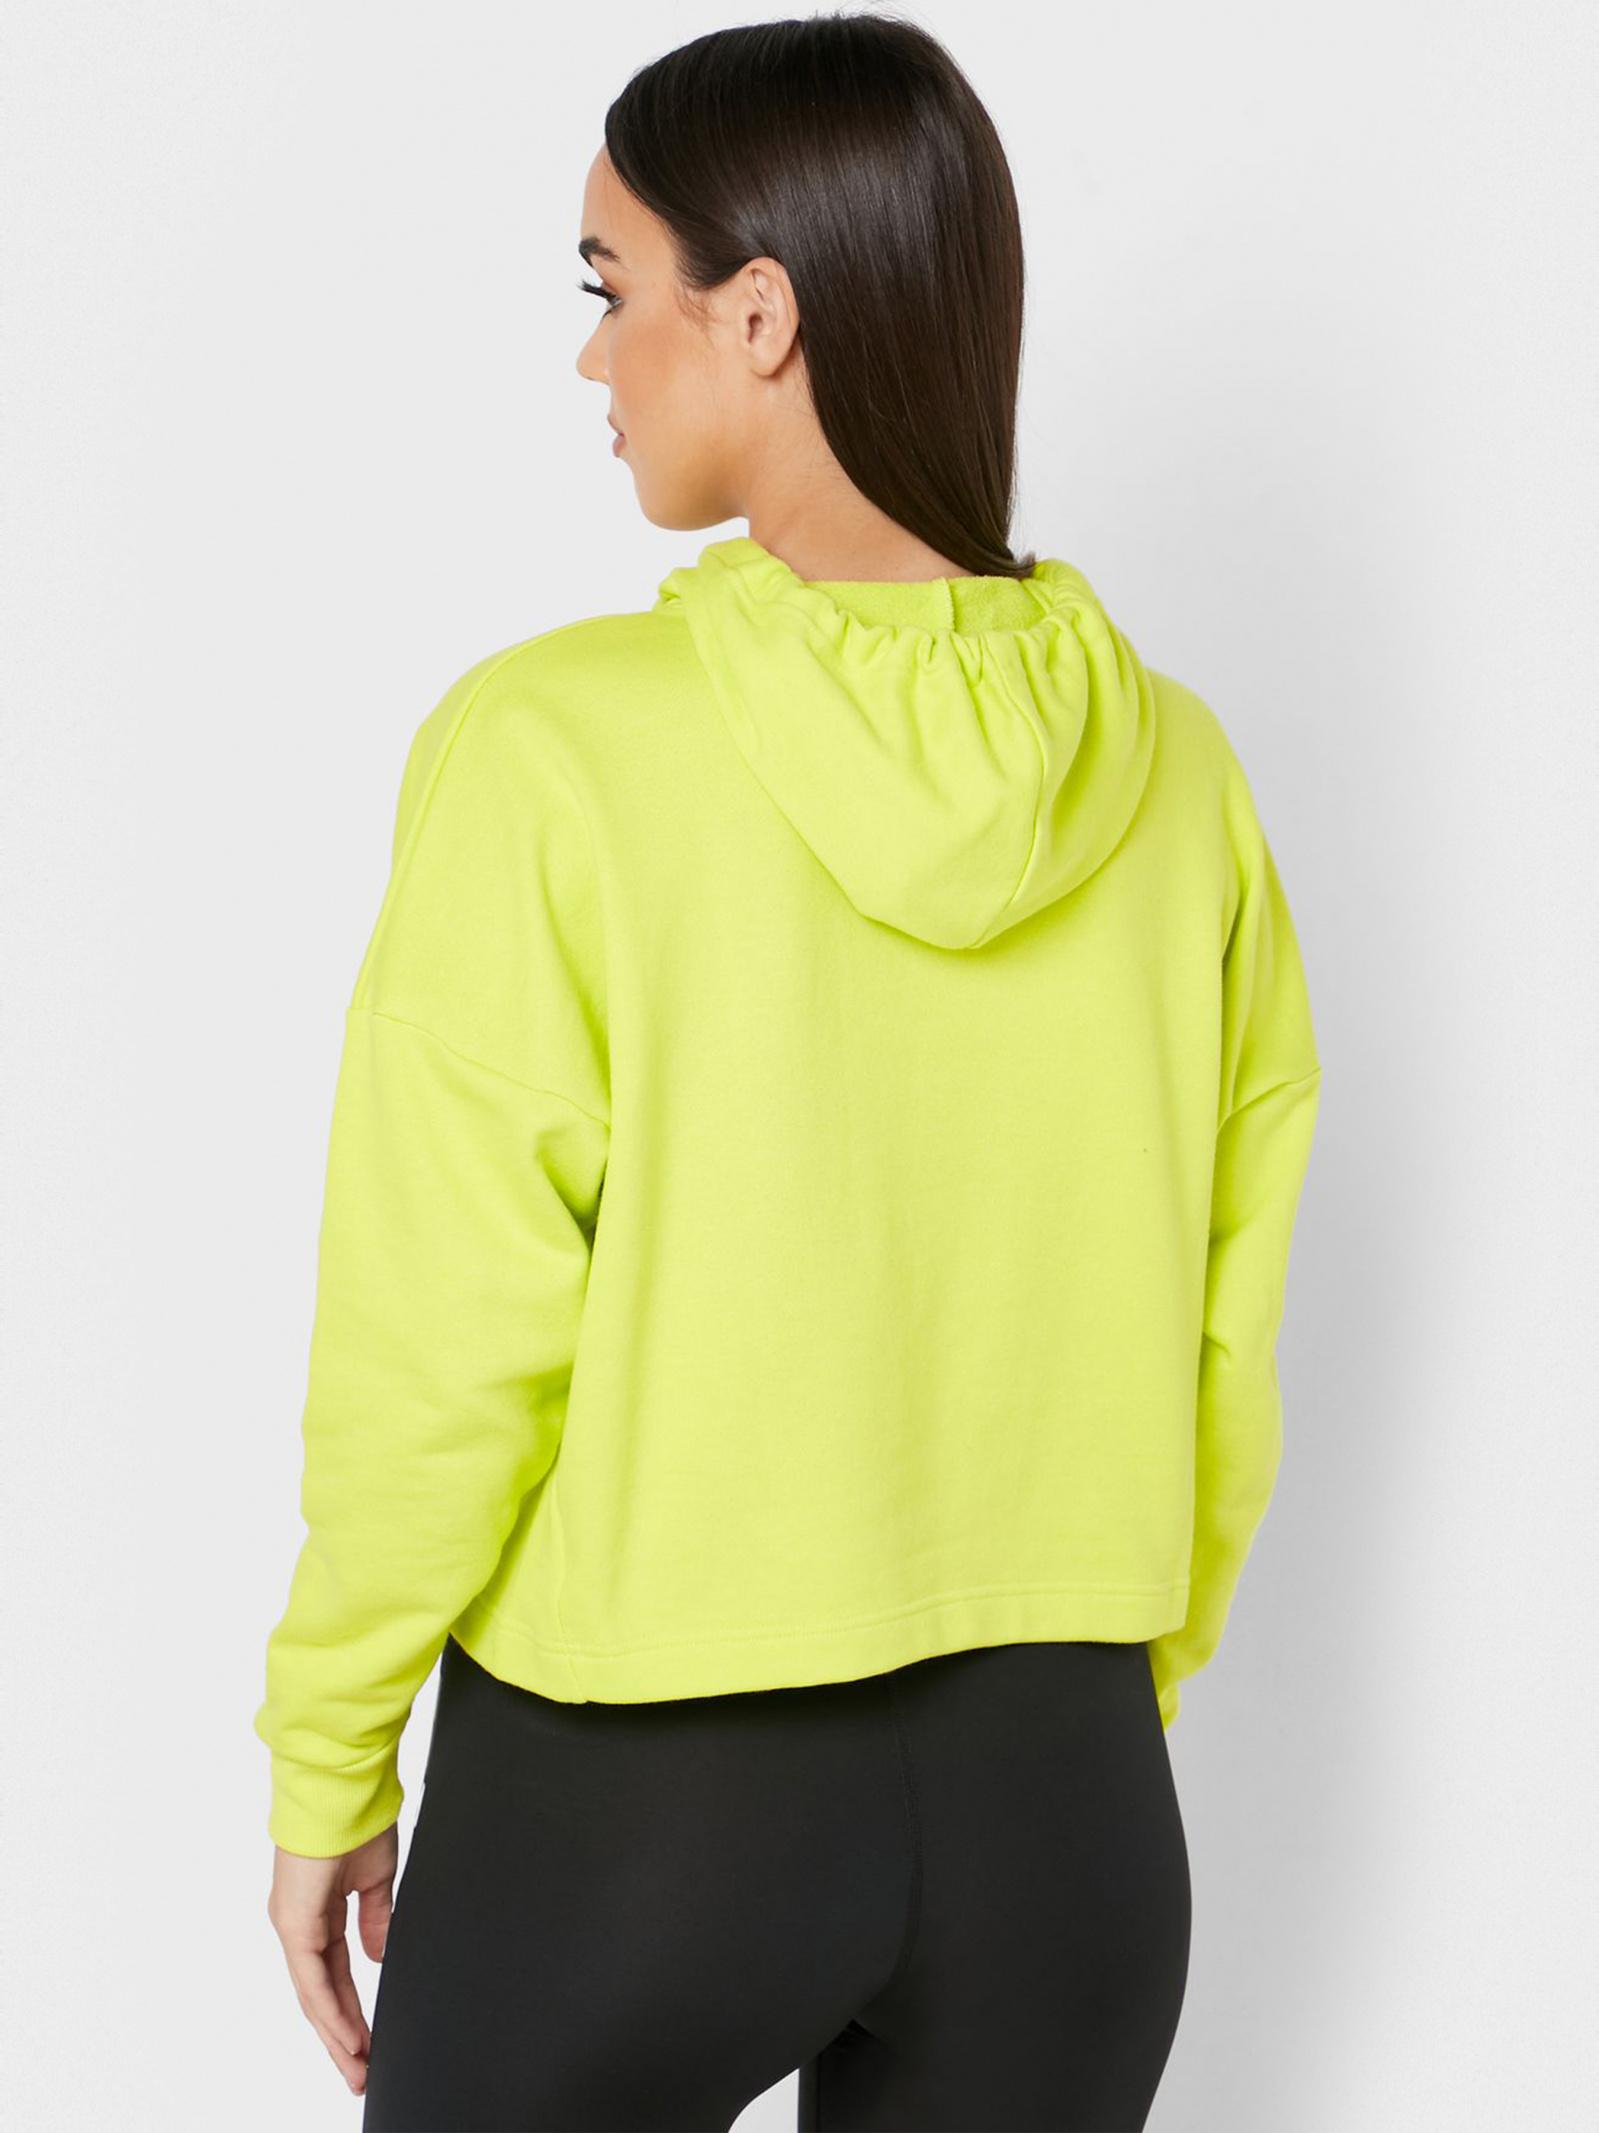 Кофты и свитера женские Tommy Hilfiger модель TC1557 купить, 2017